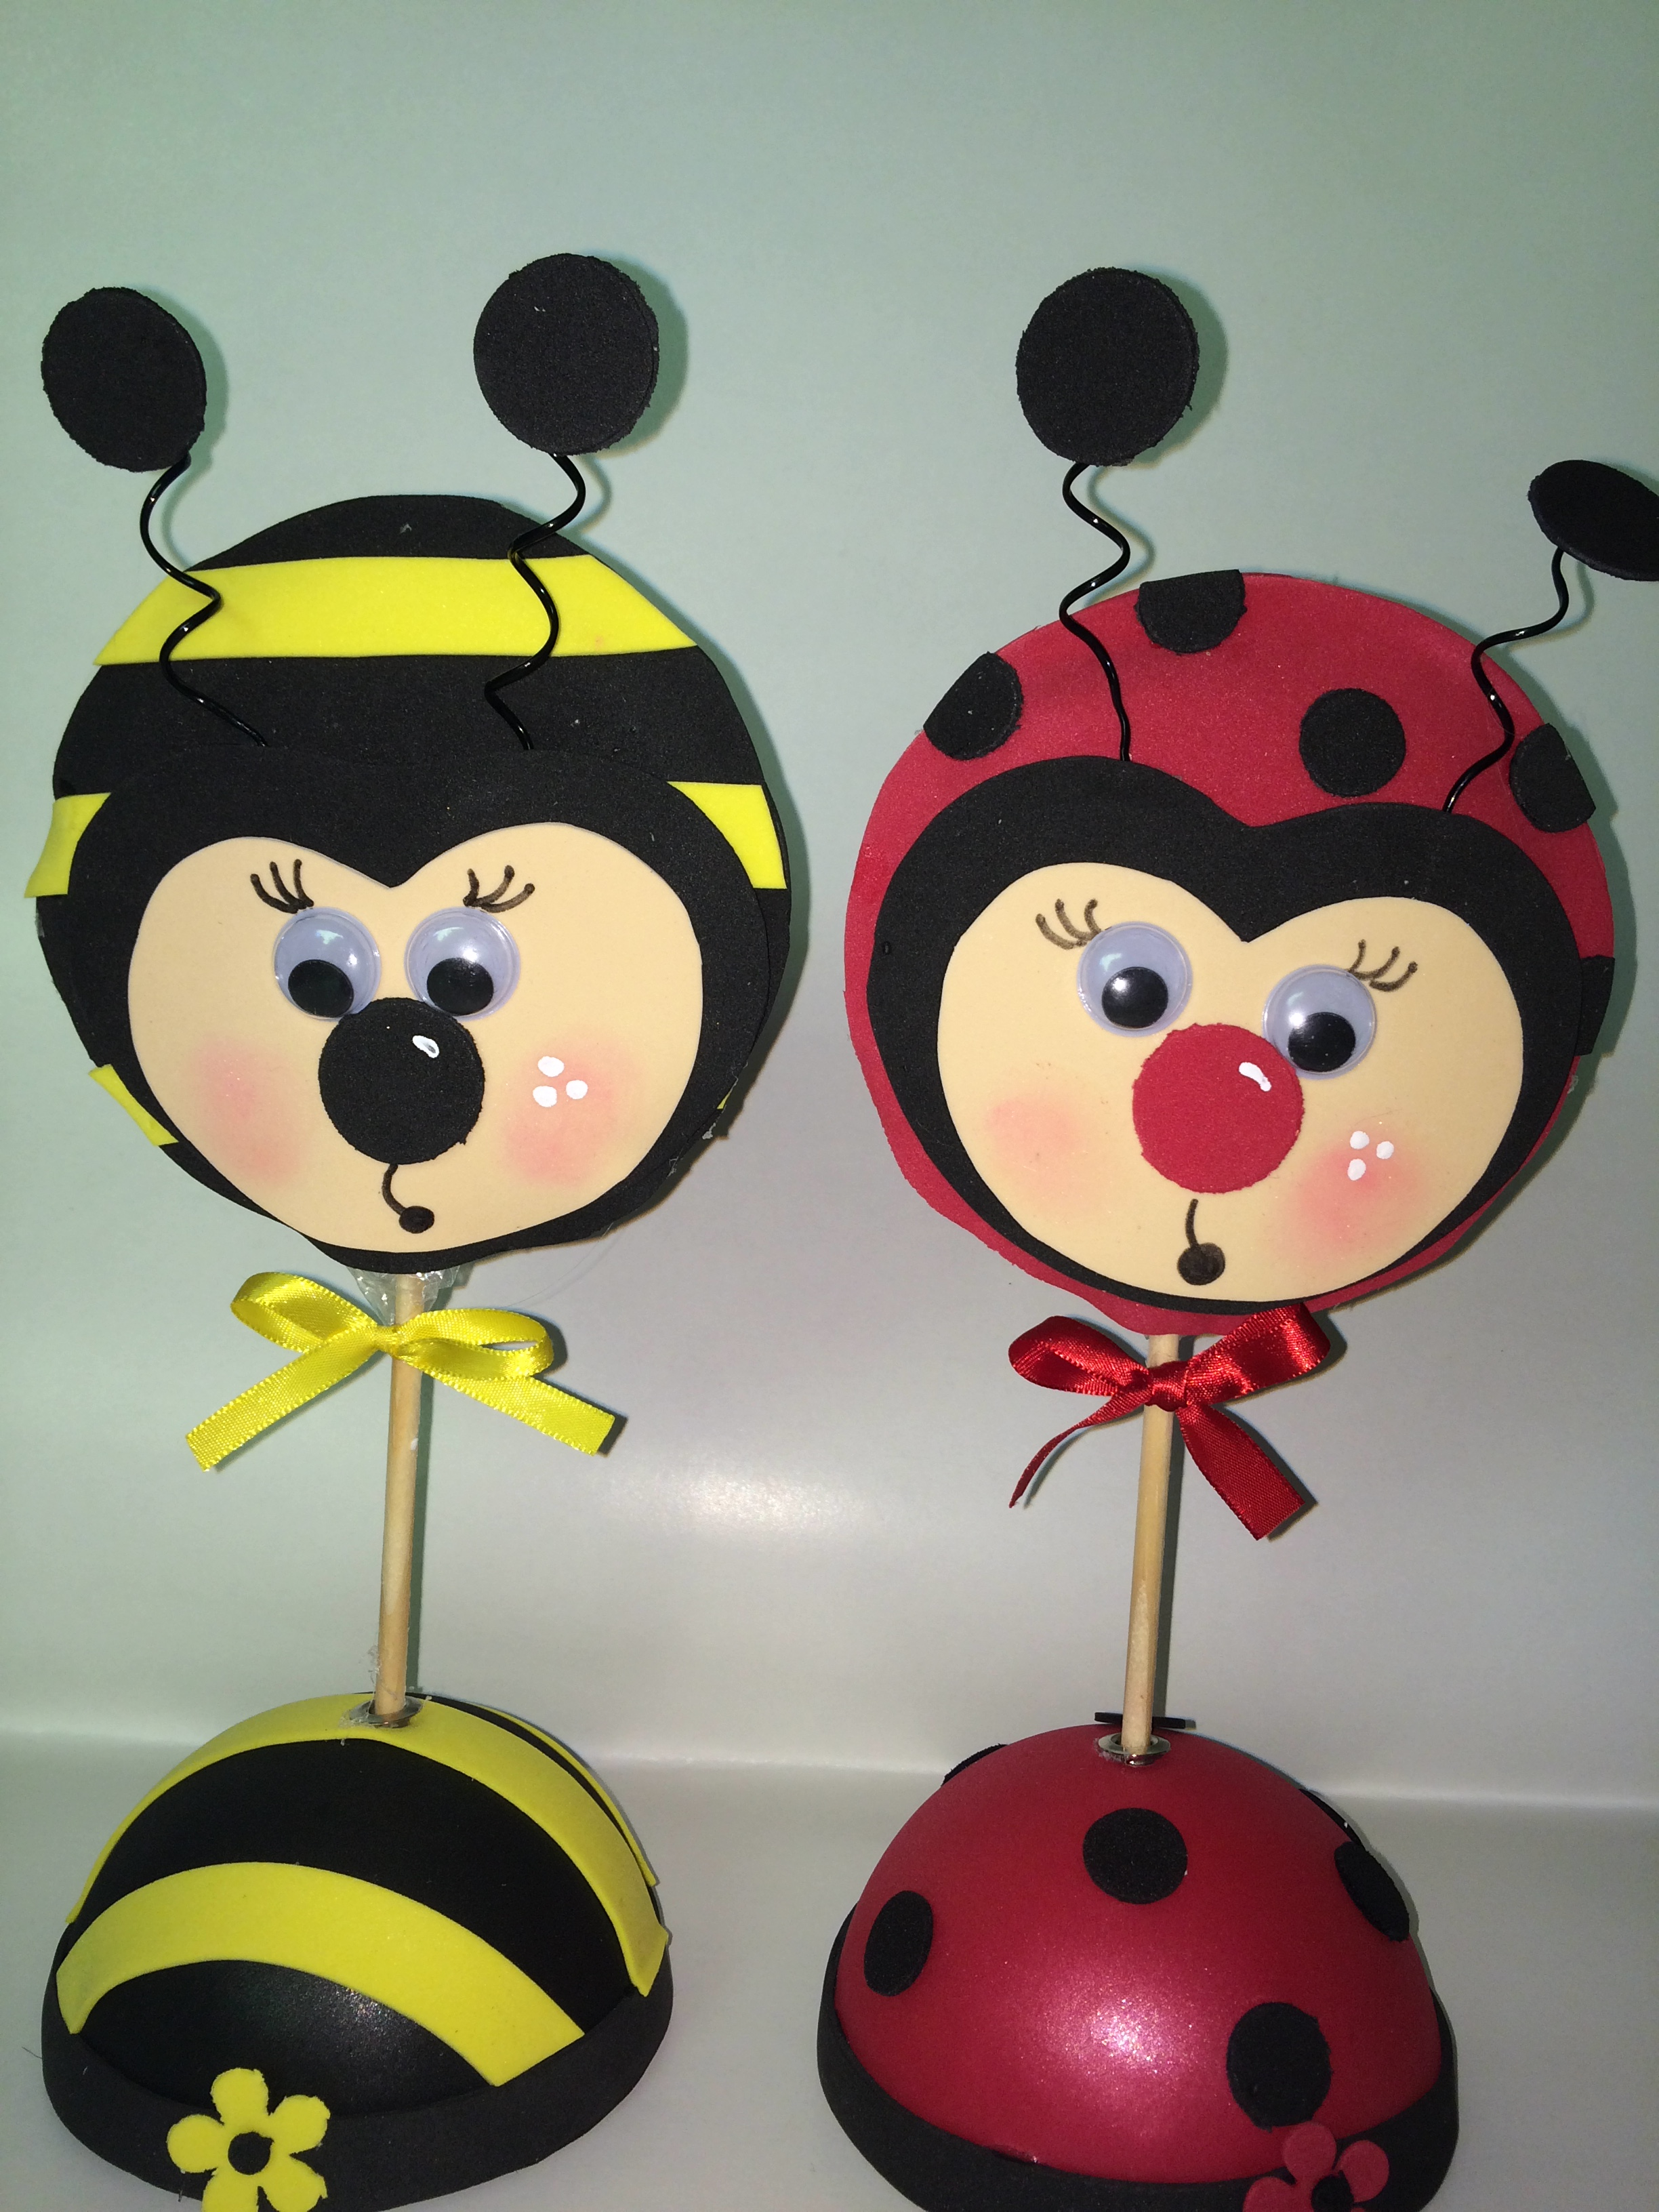 Pirulitos de joaninhas e abelhinhas buum balloon elo7 for Mural de isopor e eva